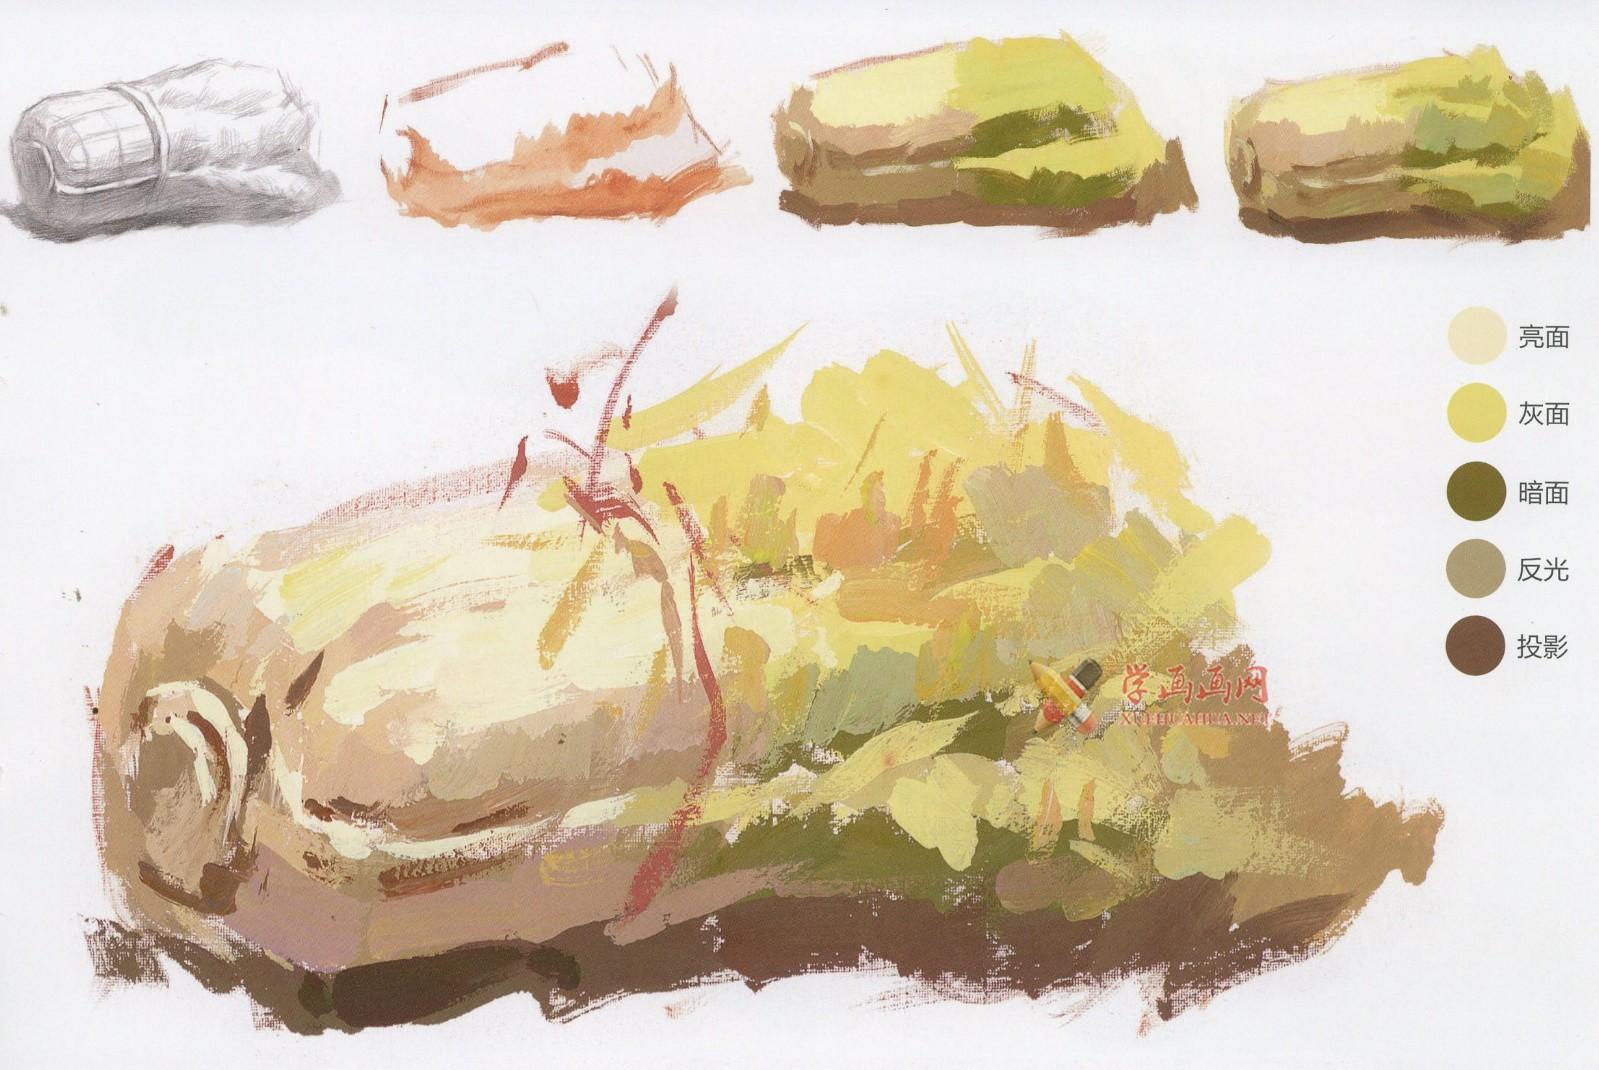 怎么画大白菜?水粉画单体入门教程:大白菜的画法图解及高清范画临摹图片素材(4)